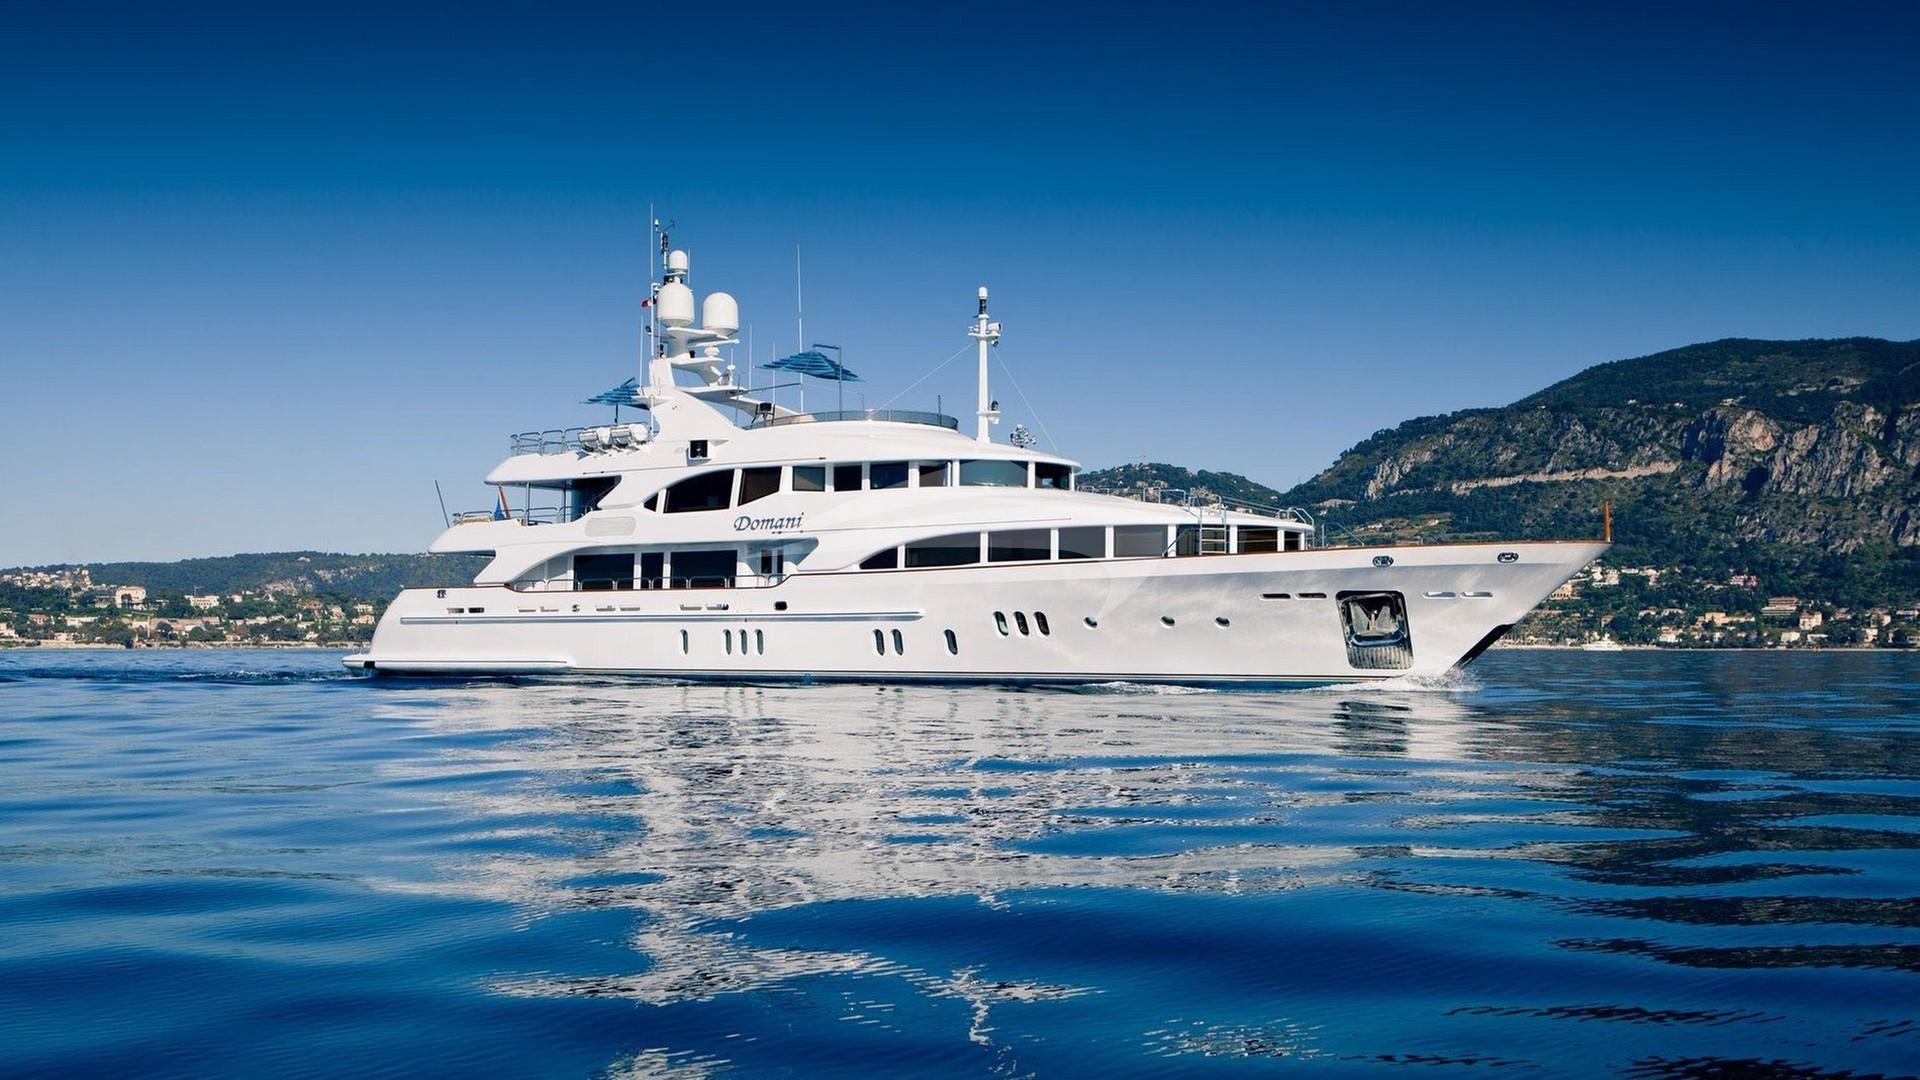 Yacht DOMANI